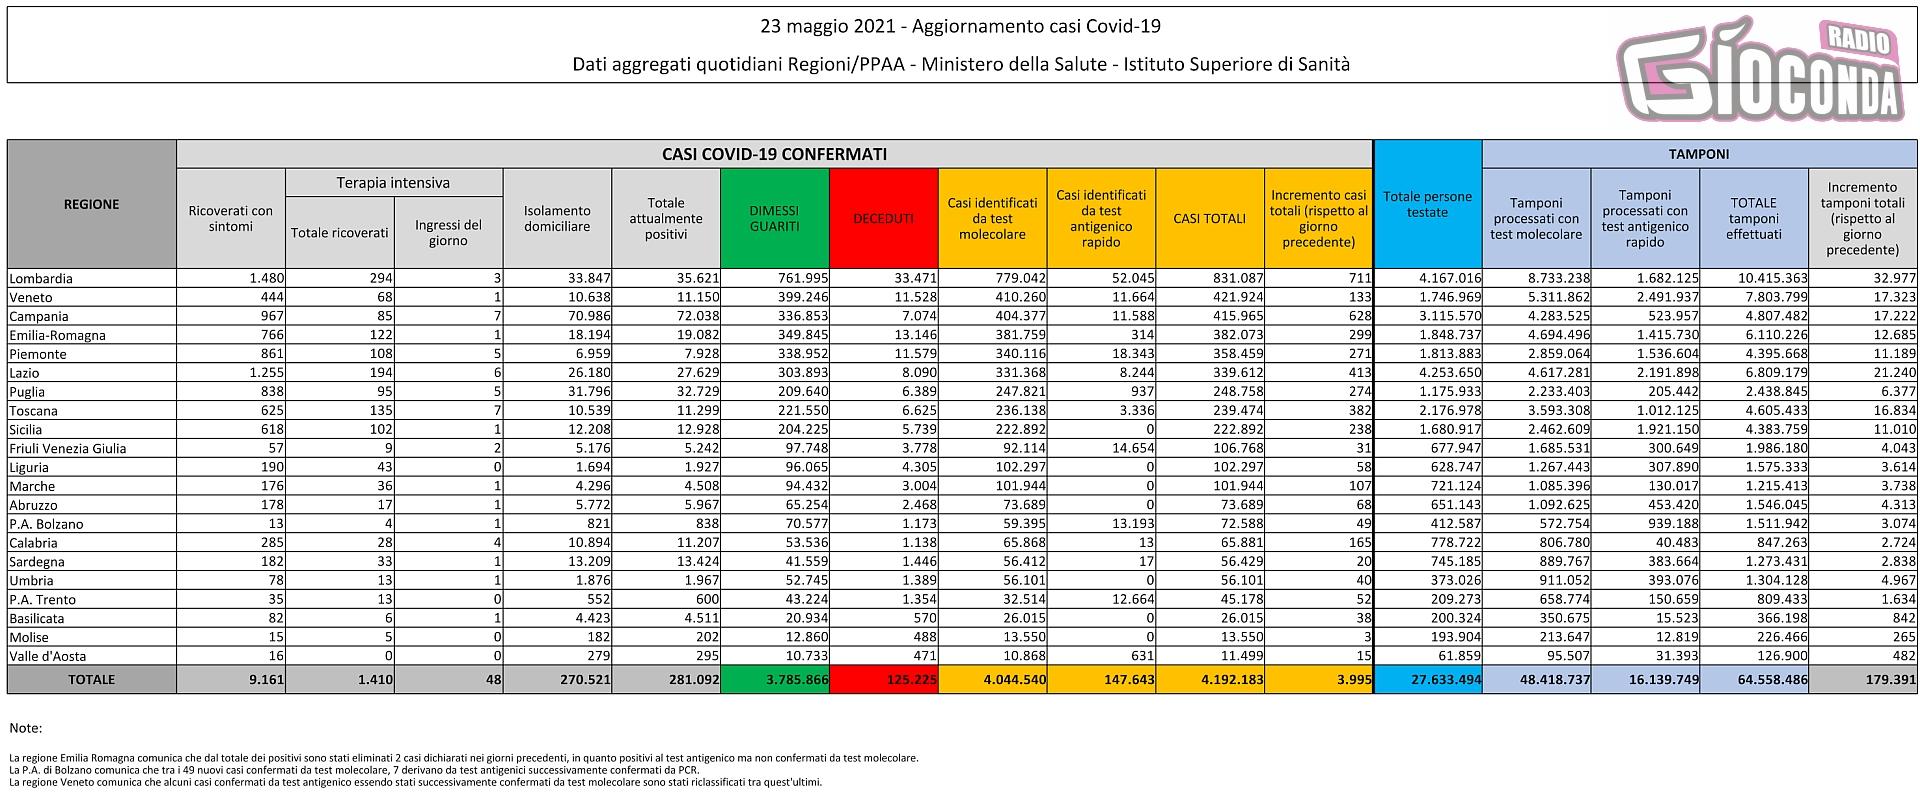 23 maggio 2021 - Aggiornamento casi Covid-19 Dati aggregati quotidiani Regioni/PPAA - Ministero della Salute - Istituto Superiore di Sanità